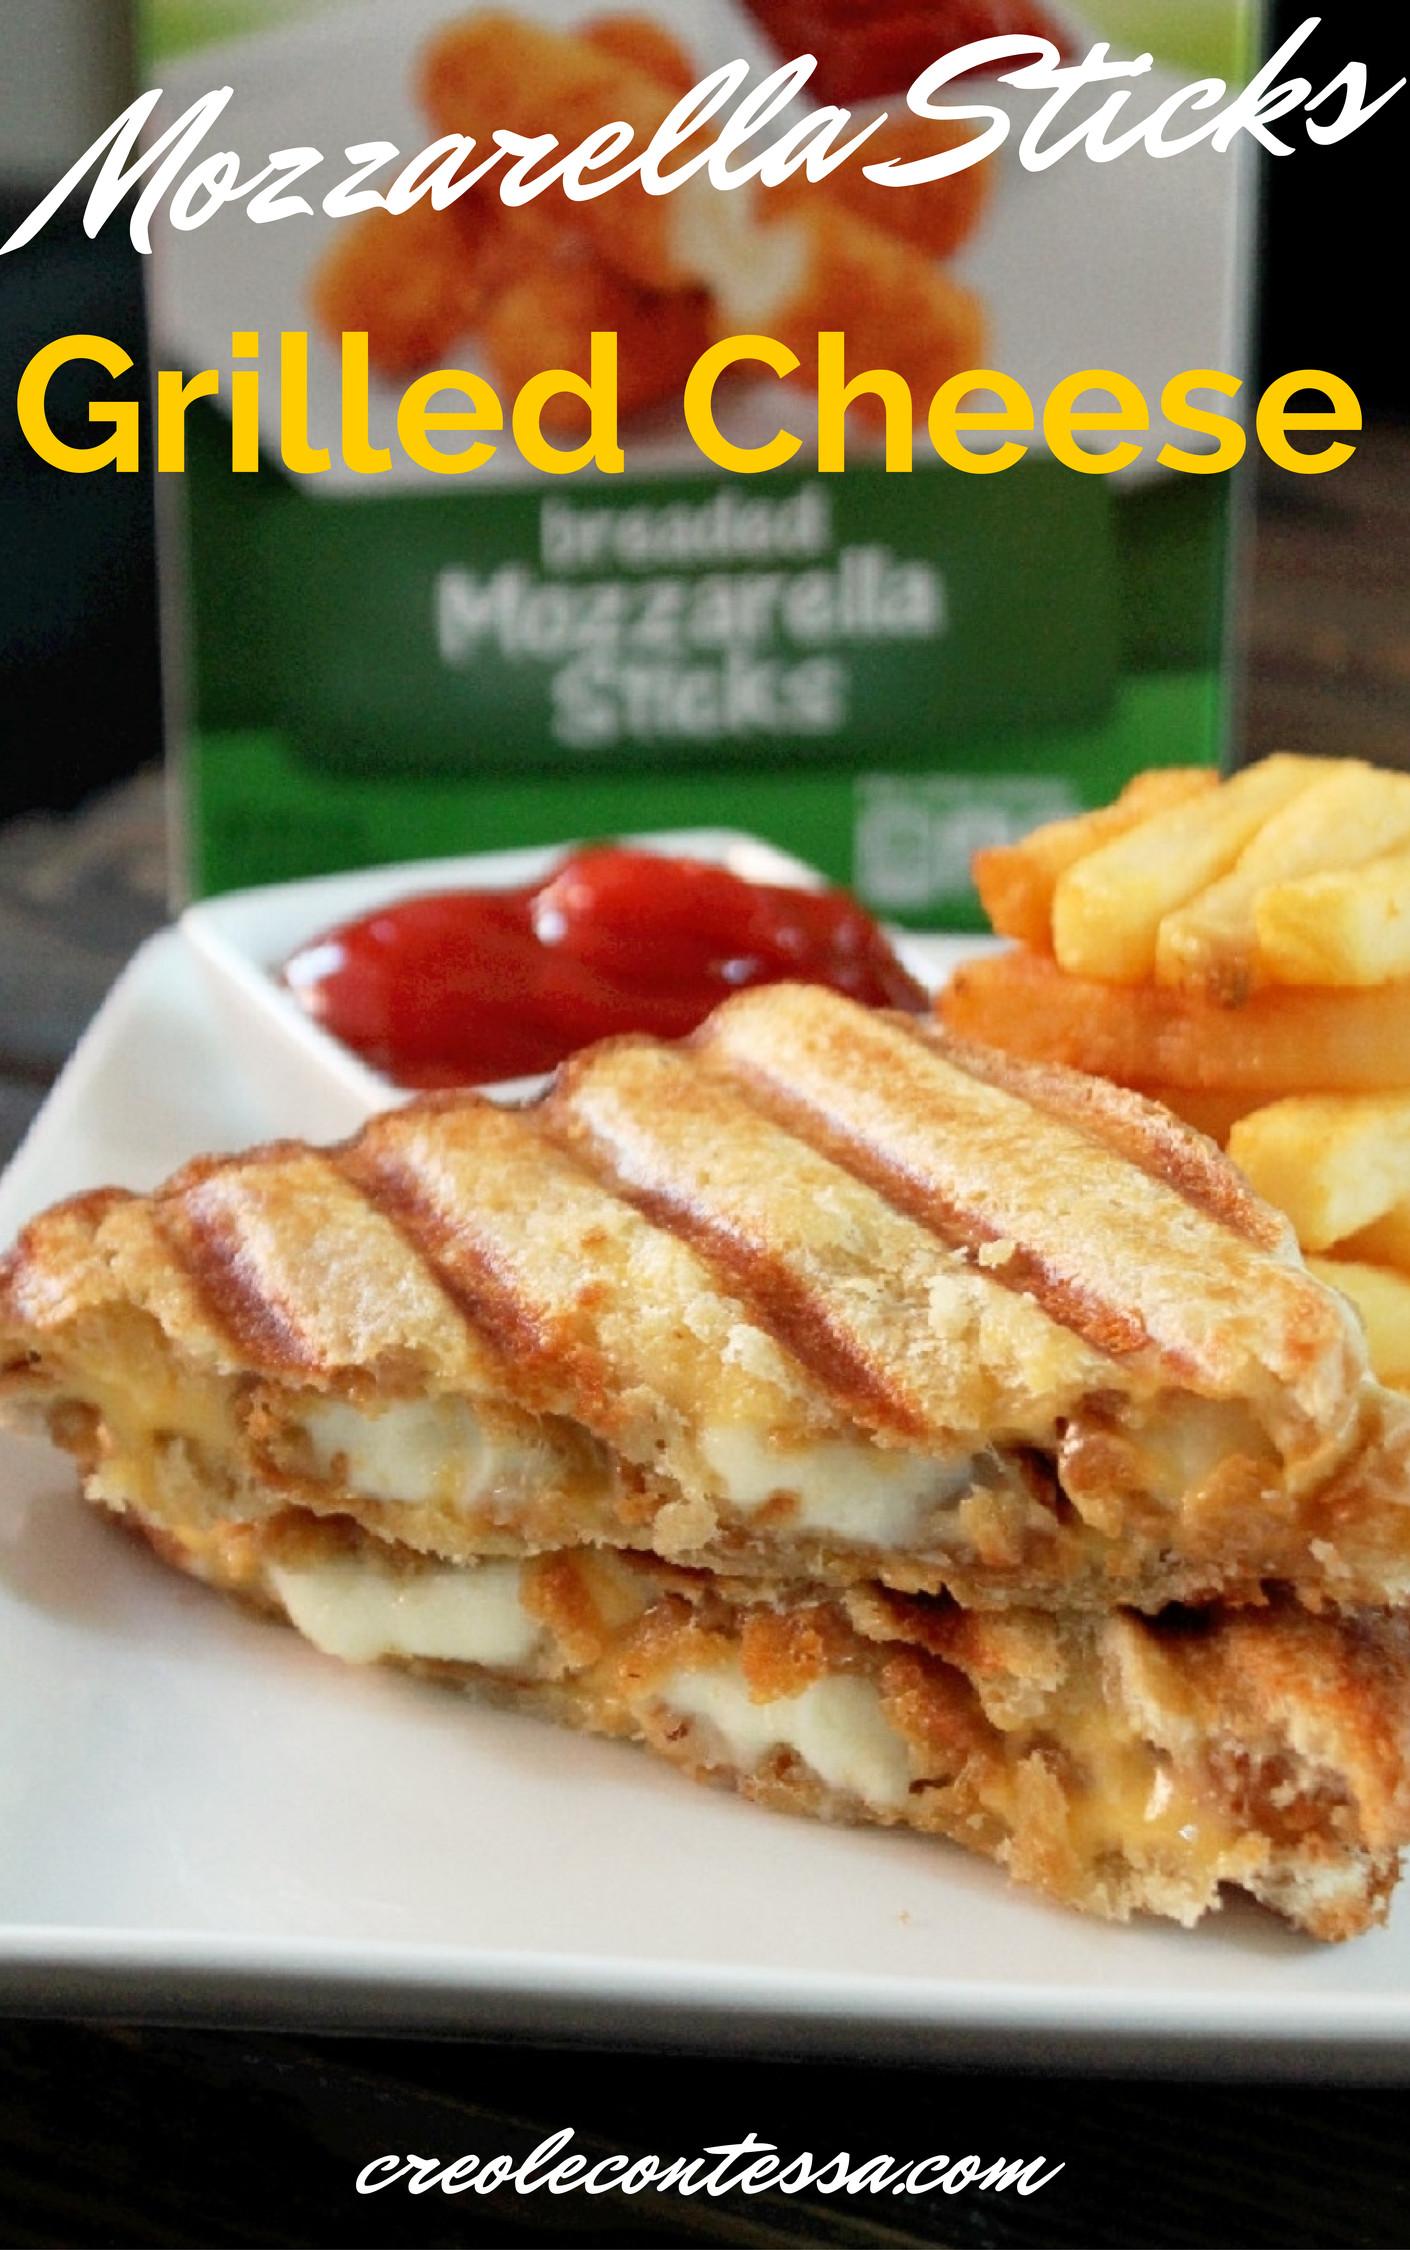 Mozzarella Sticks Grilled Cheese Sandwich-Creole Contessa